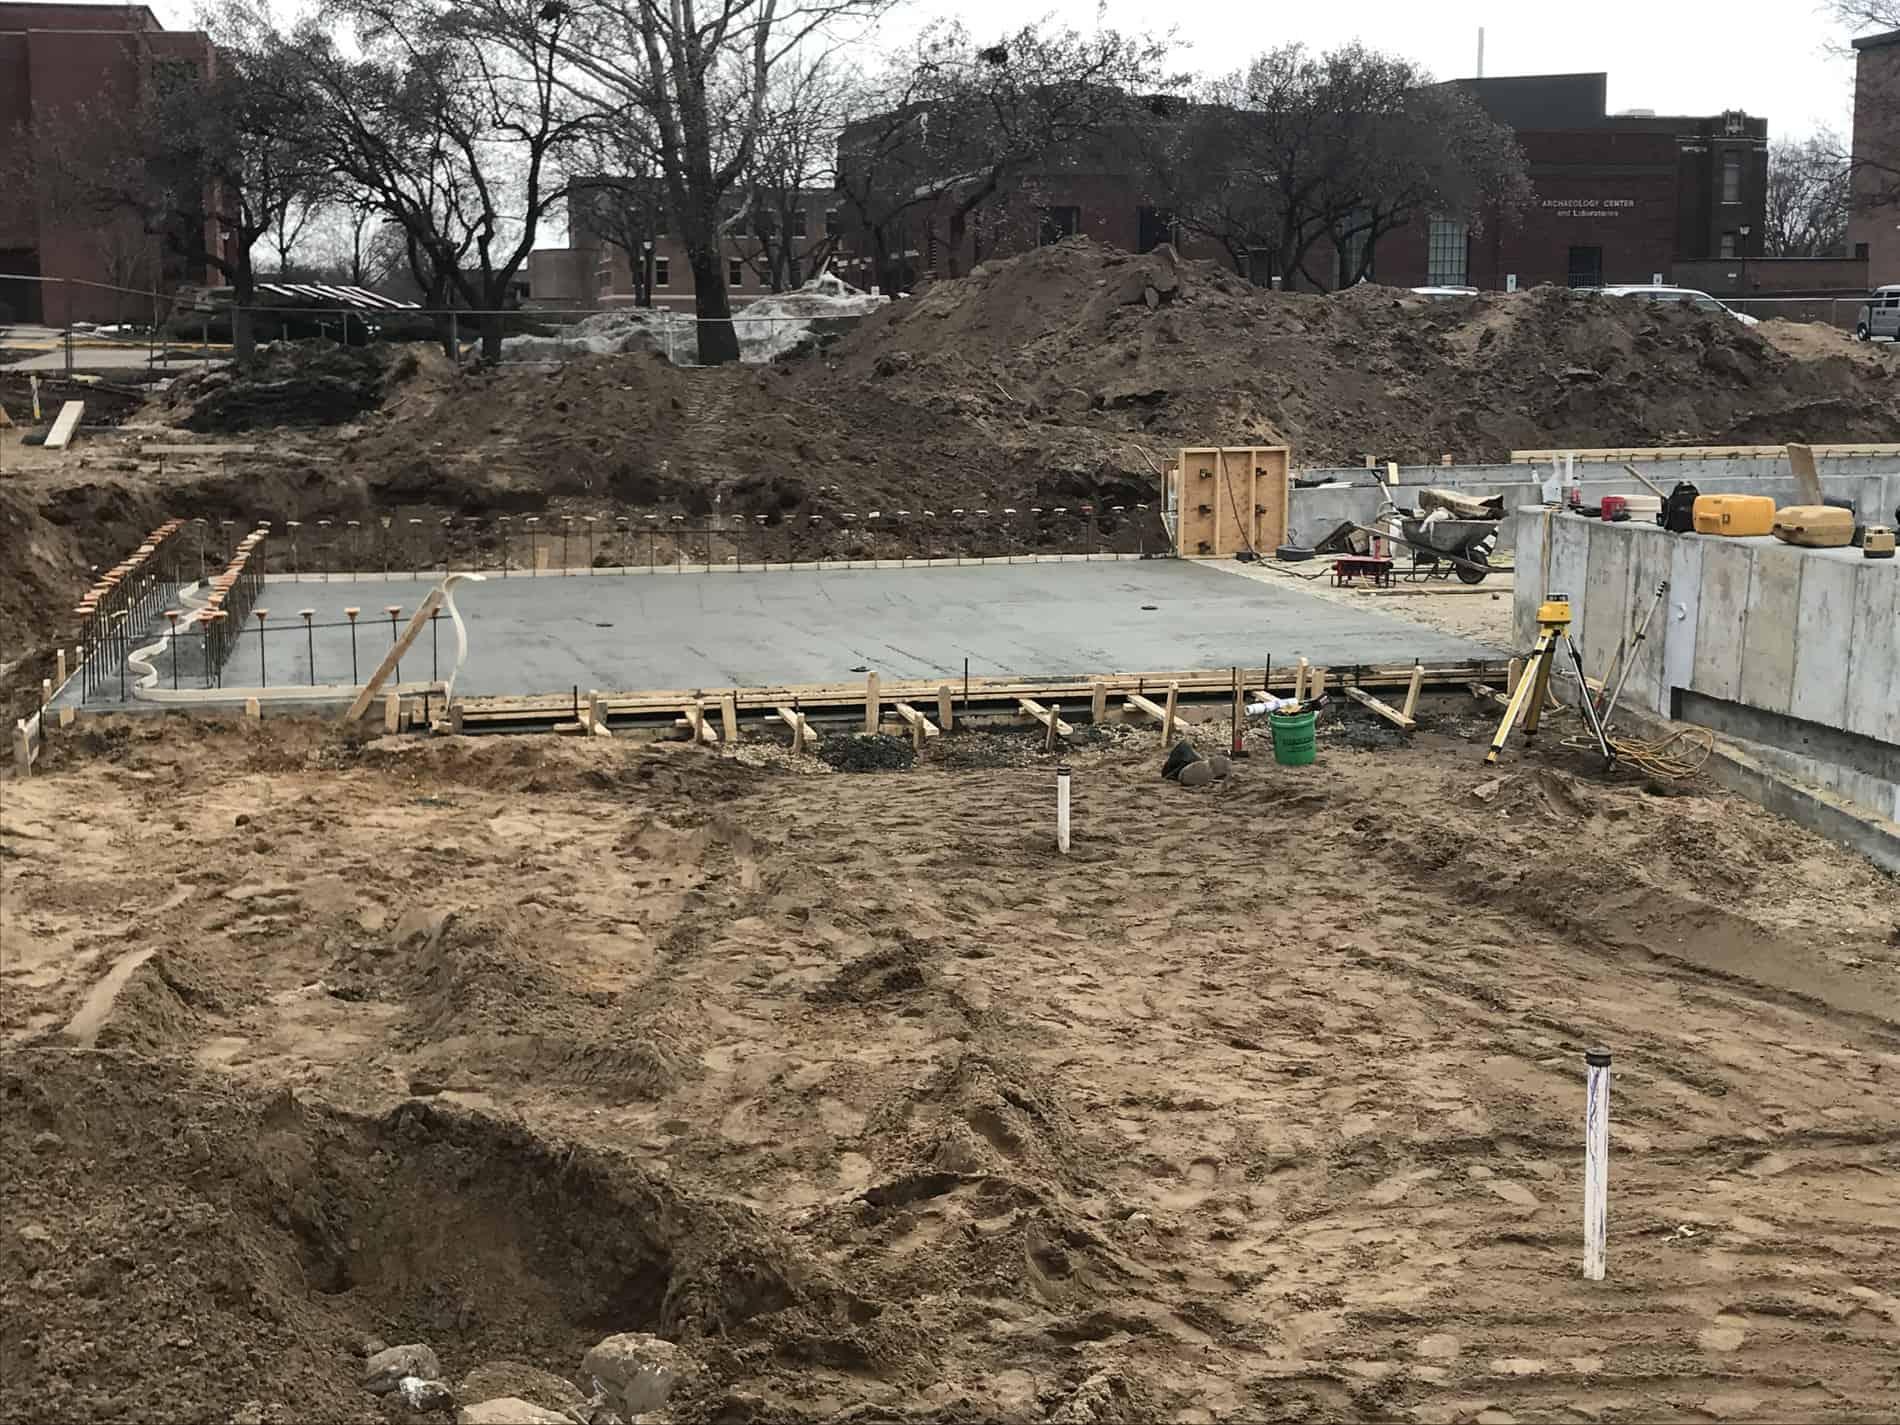 3-20-19 concrete pour complete